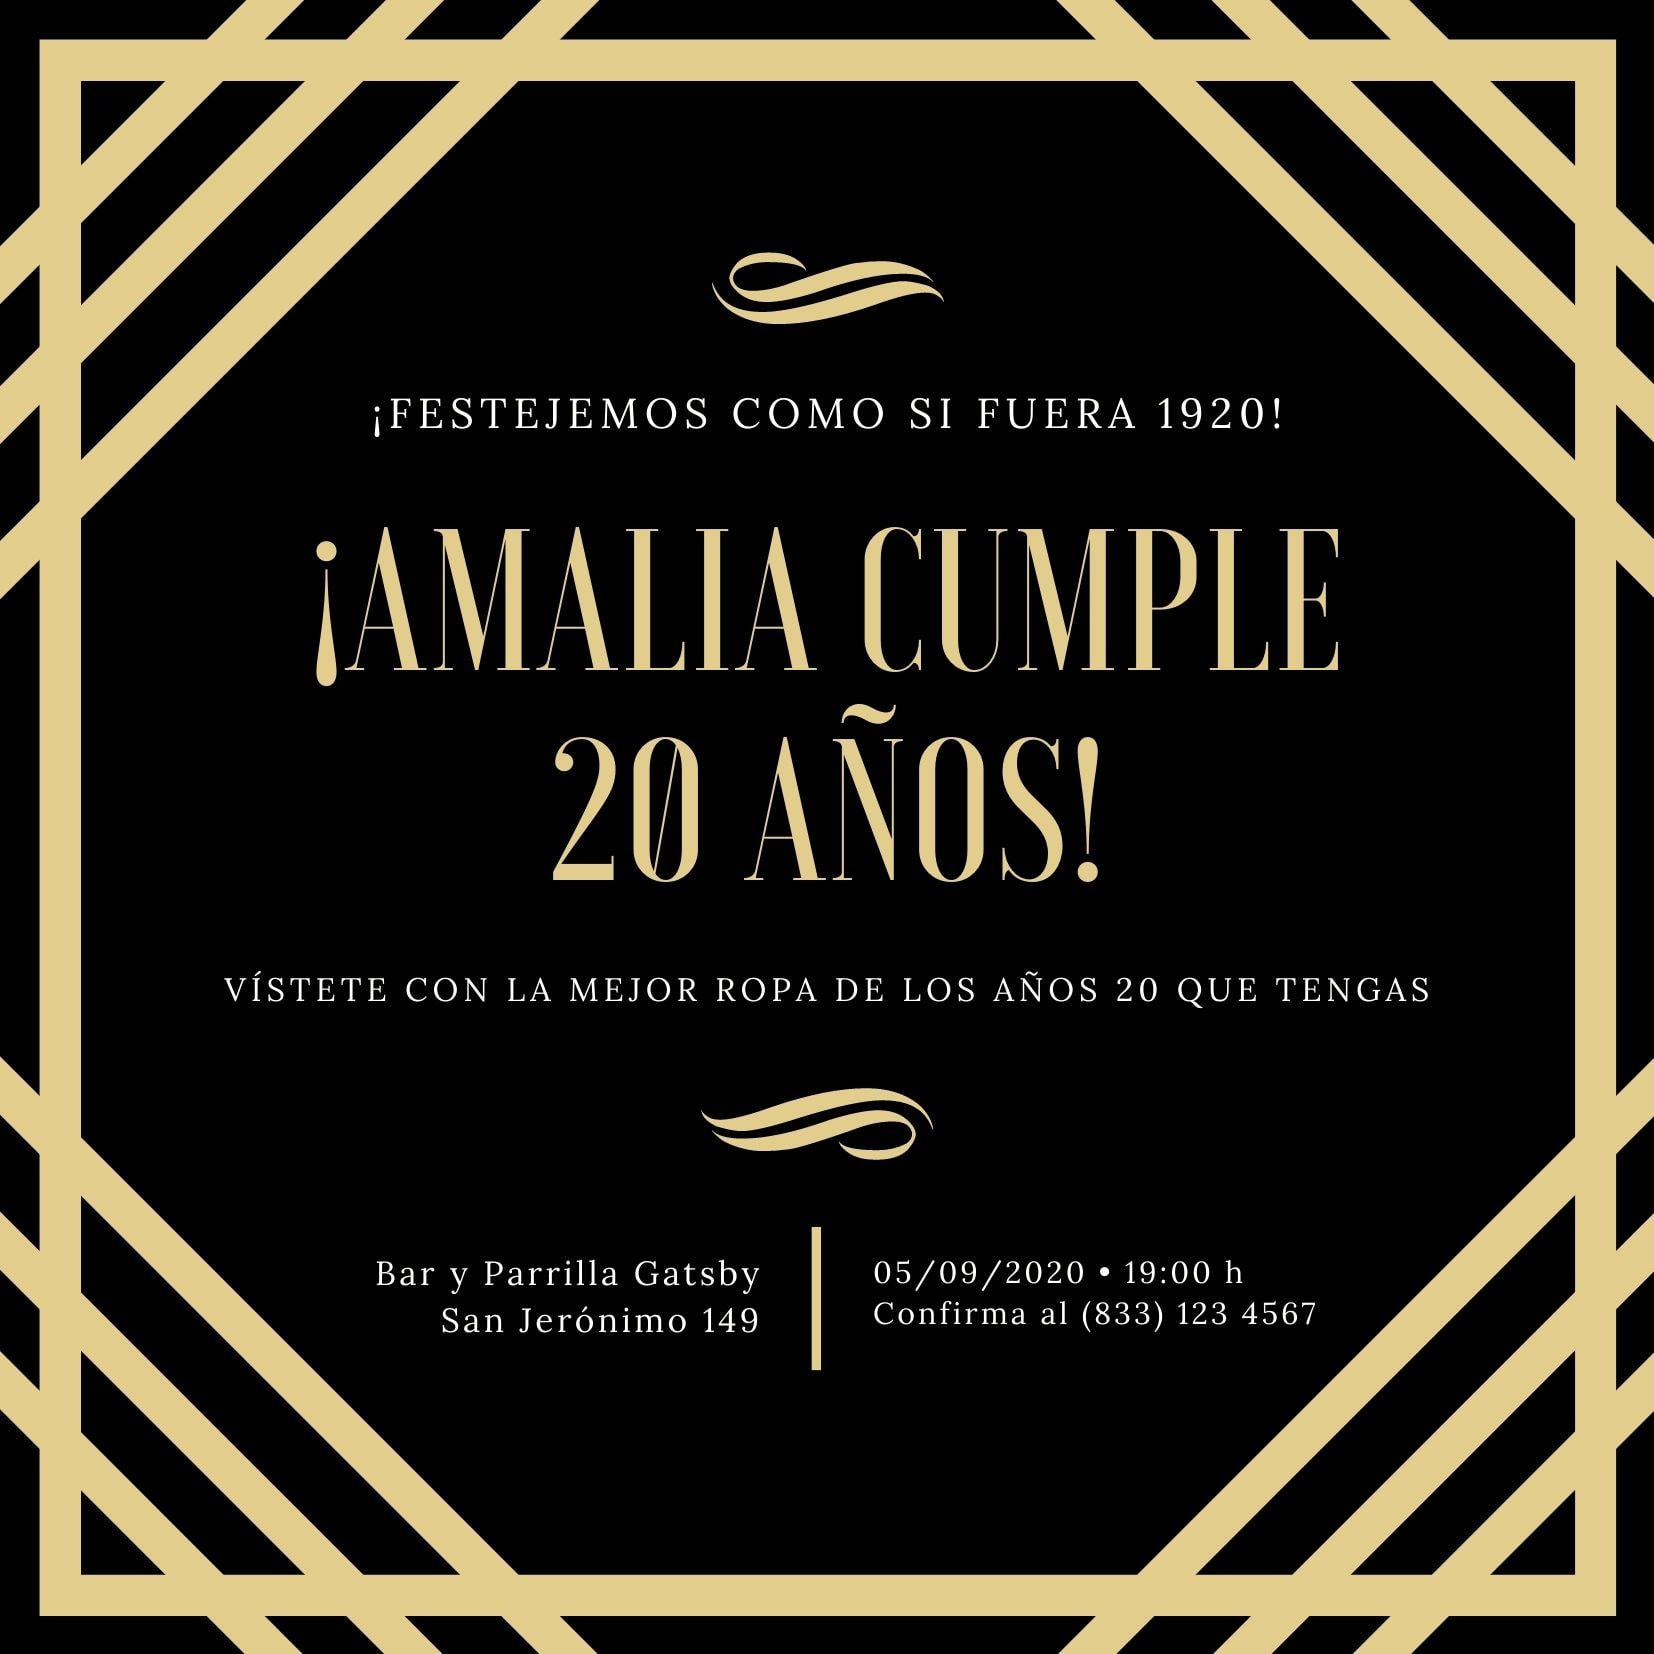 Negro Dorado Borde Lujoso Elegante Fiesta de los Años 20 Invitación